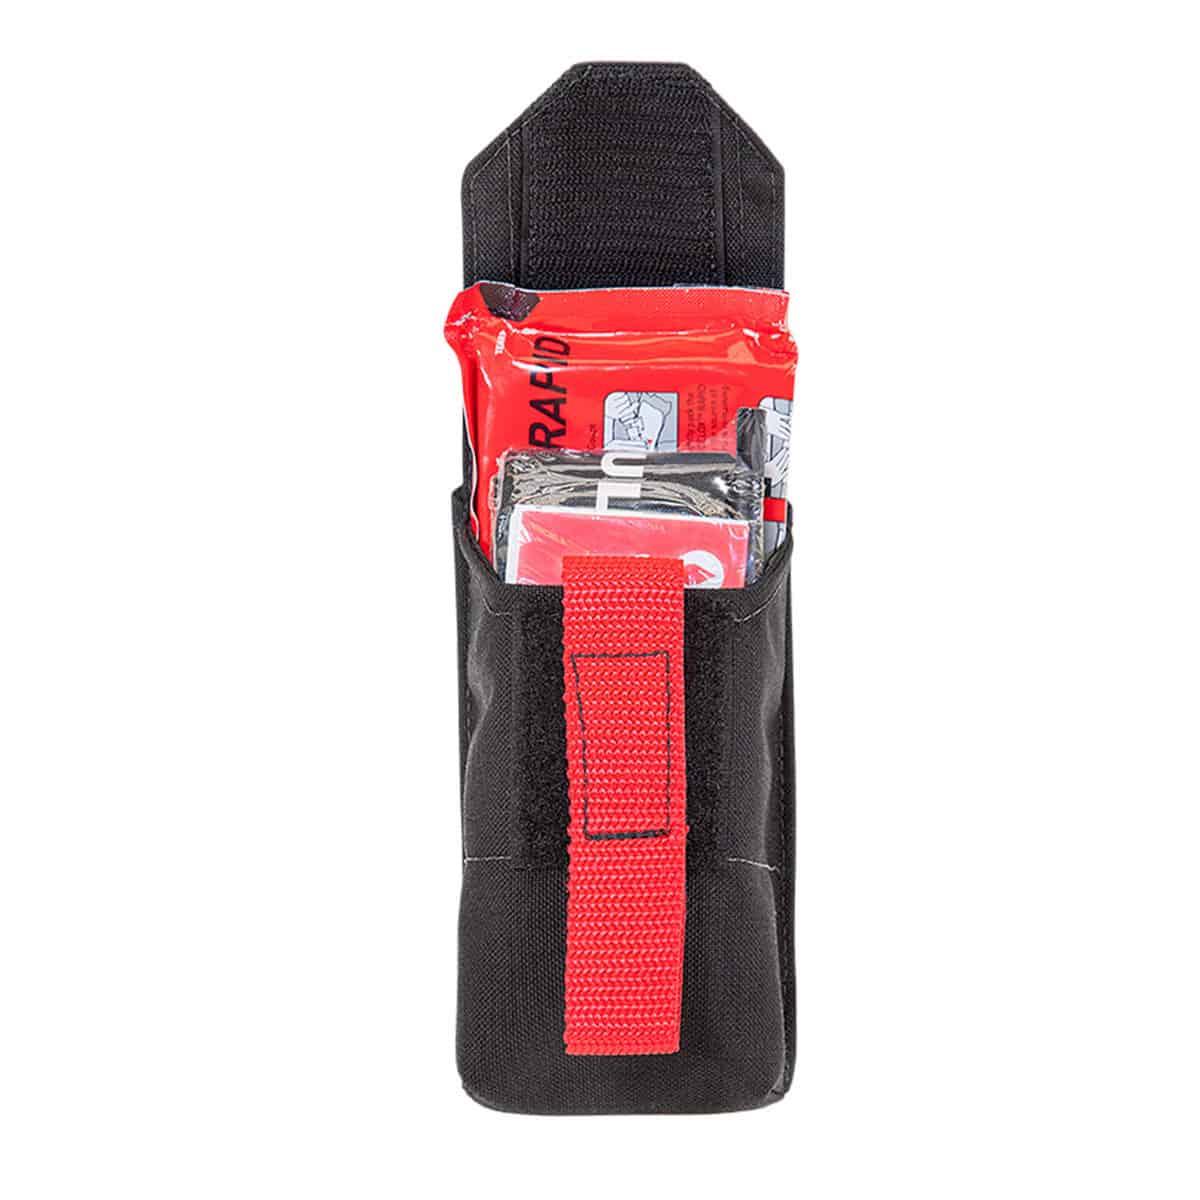 holster bleeder kit